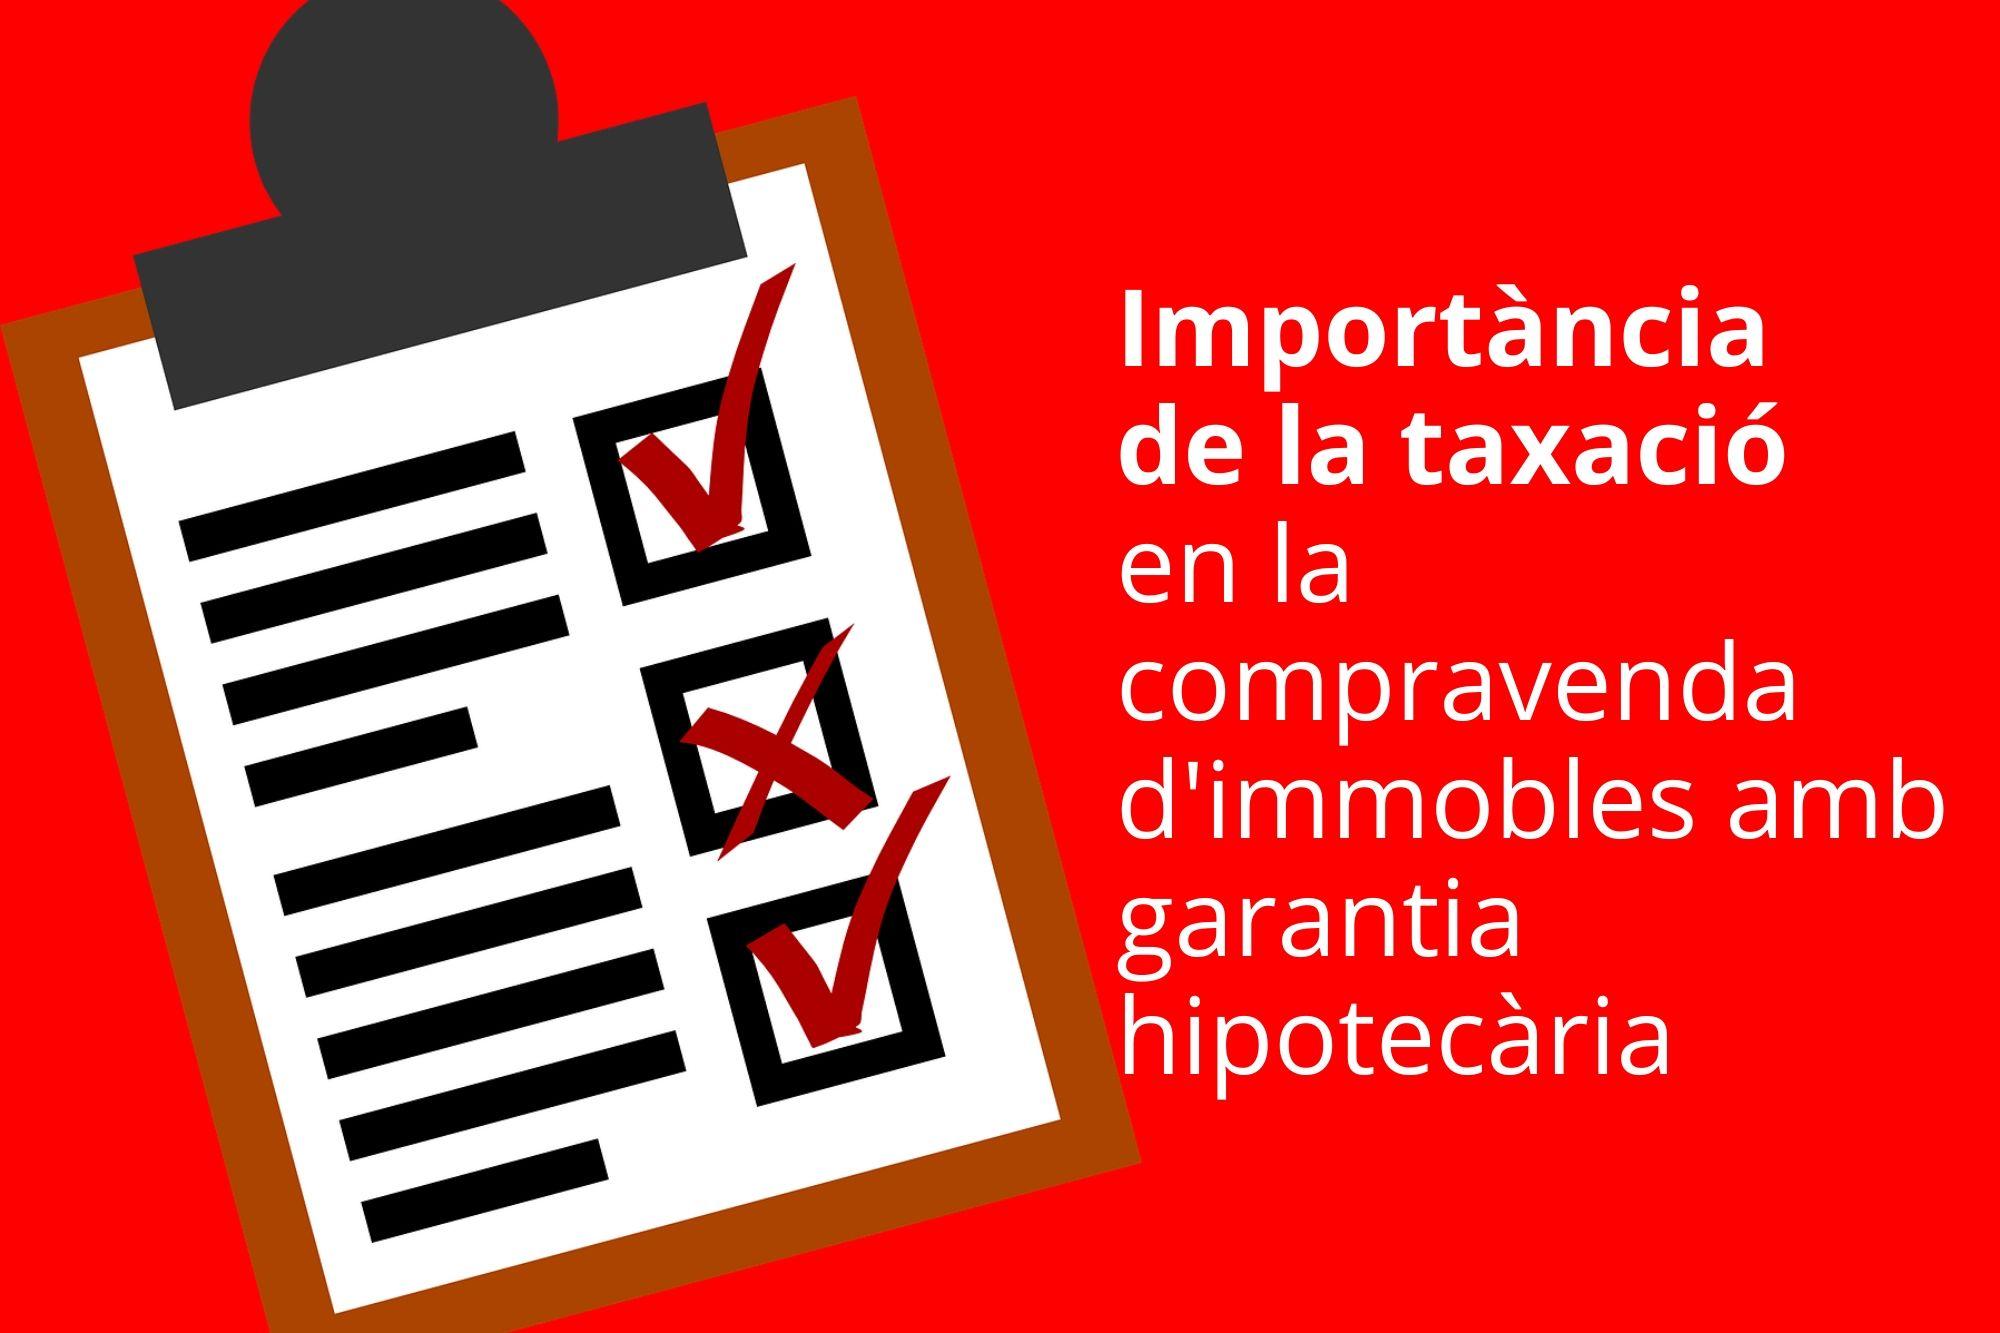 La Importància De La Taxació En La Compravenda D'immobles Amb Garantia Hipotecària